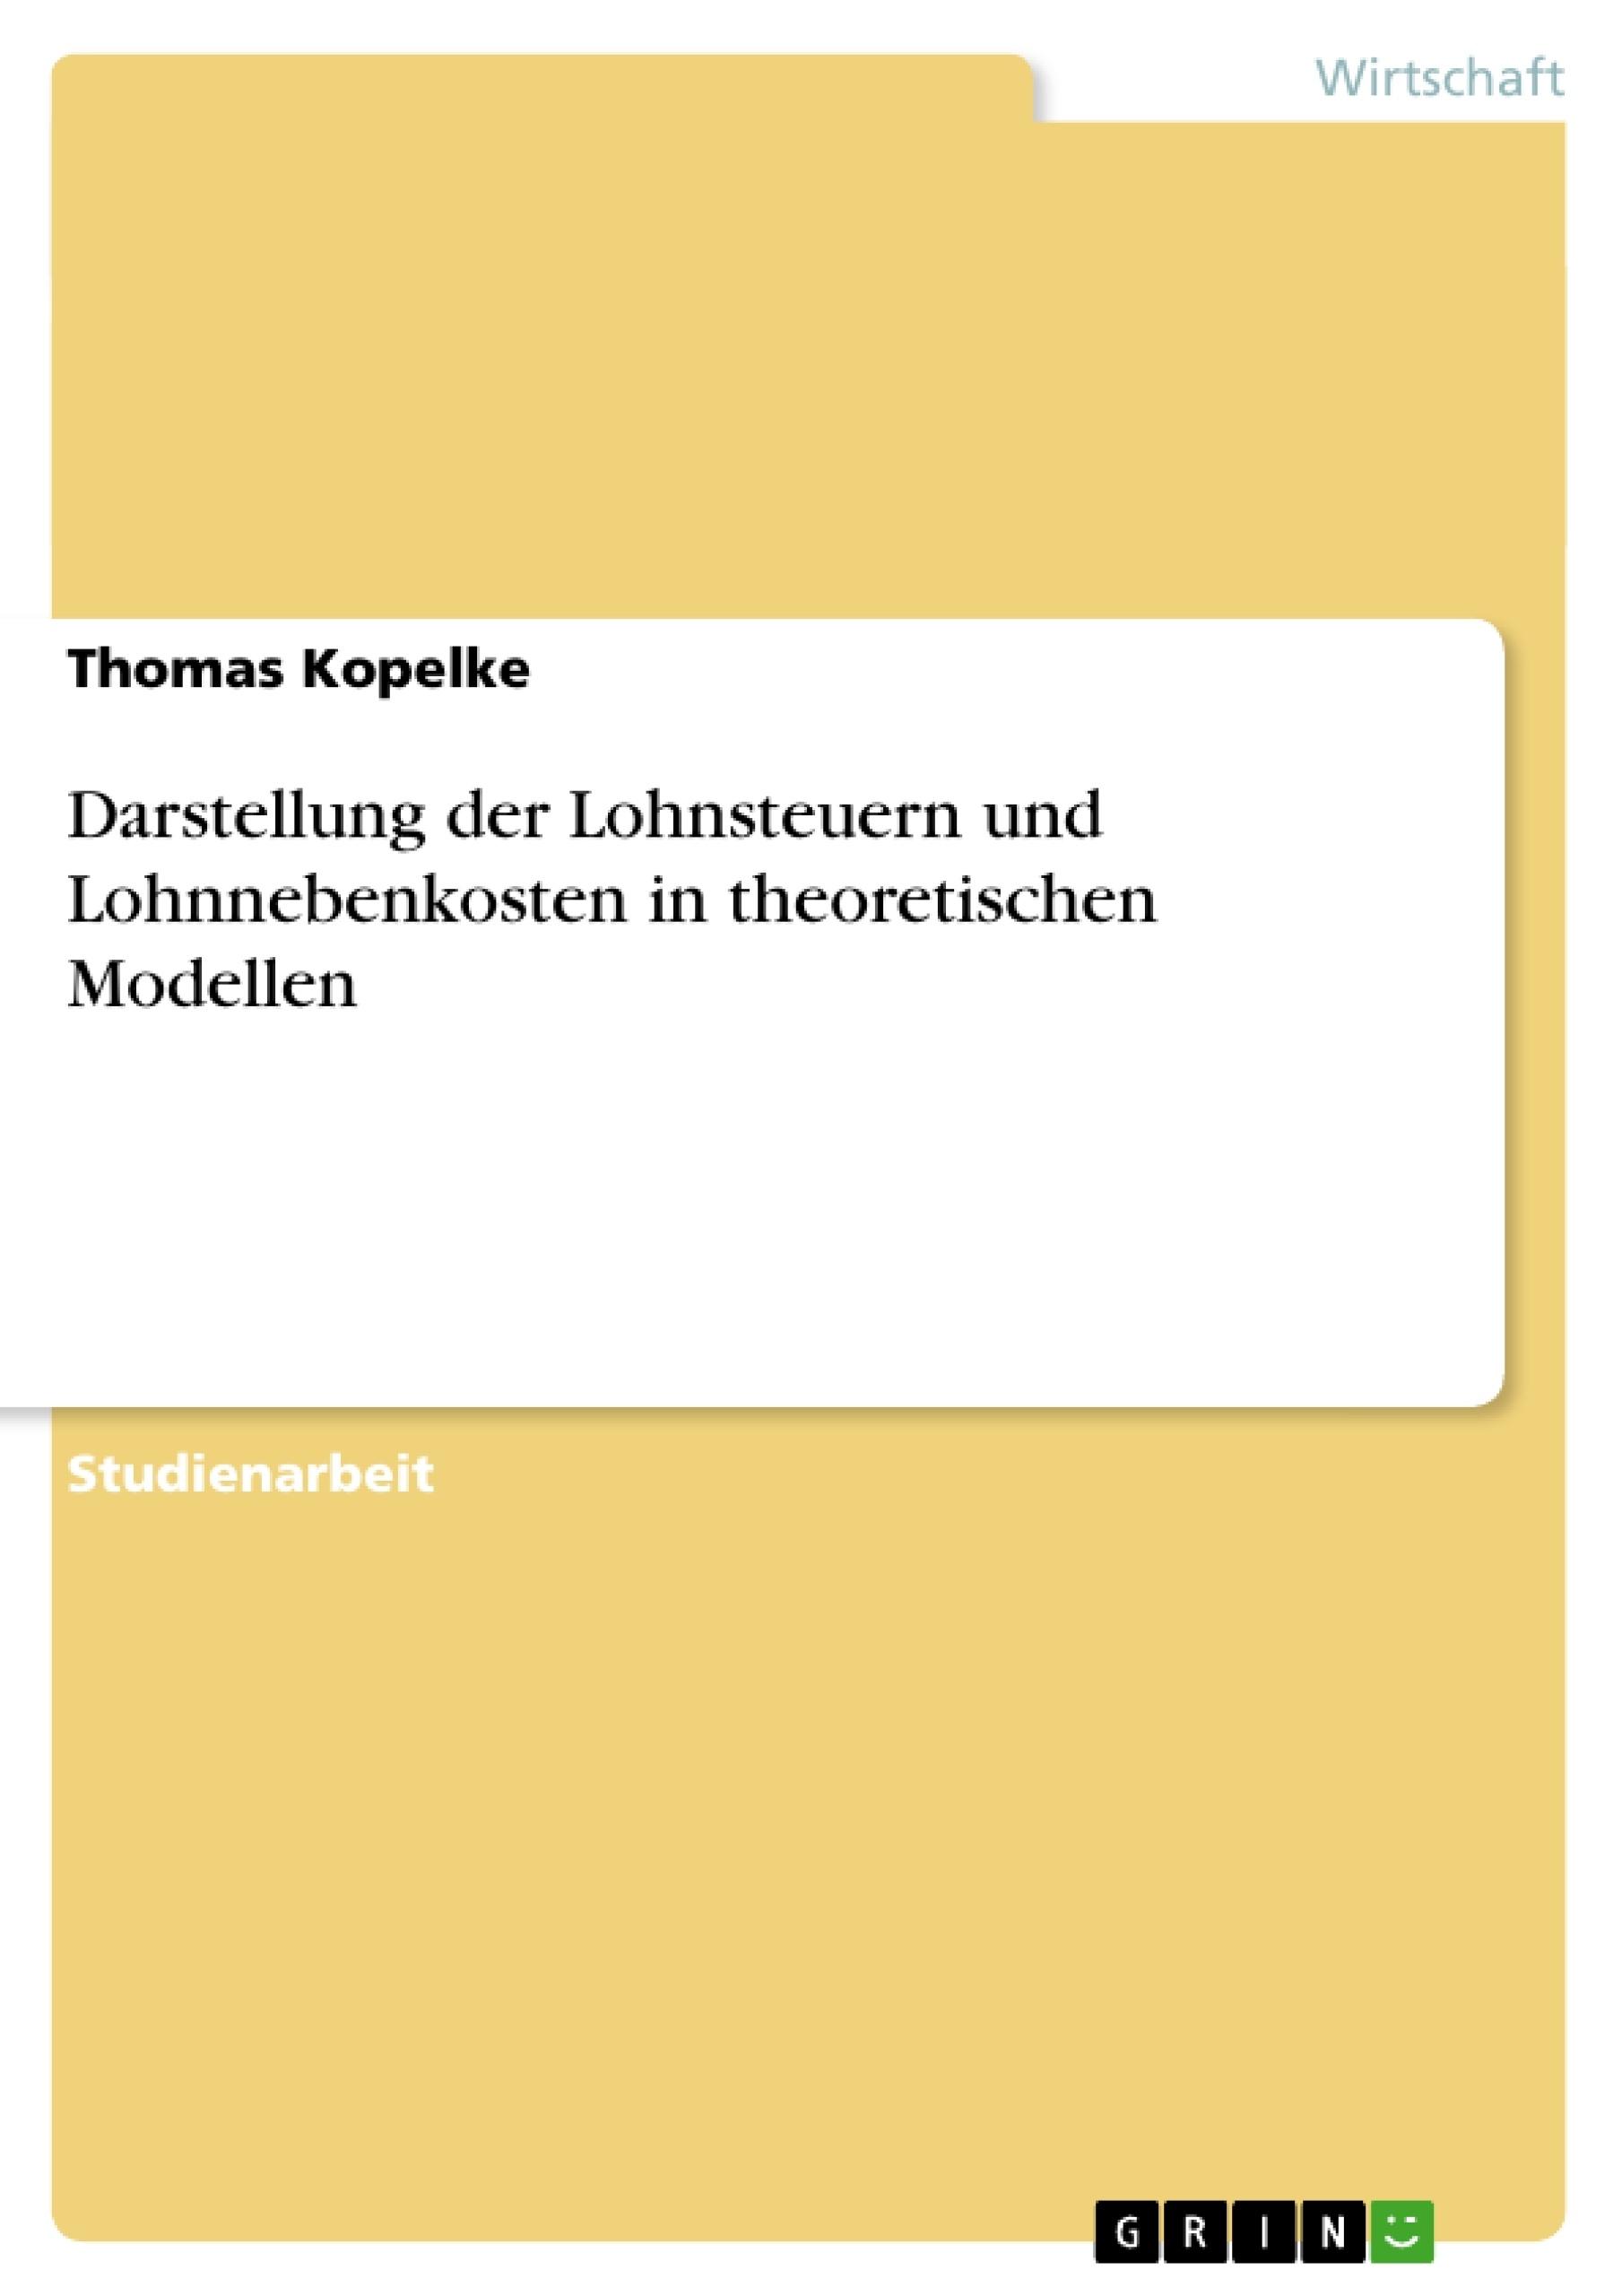 Titel: Darstellung der Lohnsteuern und Lohnnebenkosten in theoretischen Modellen